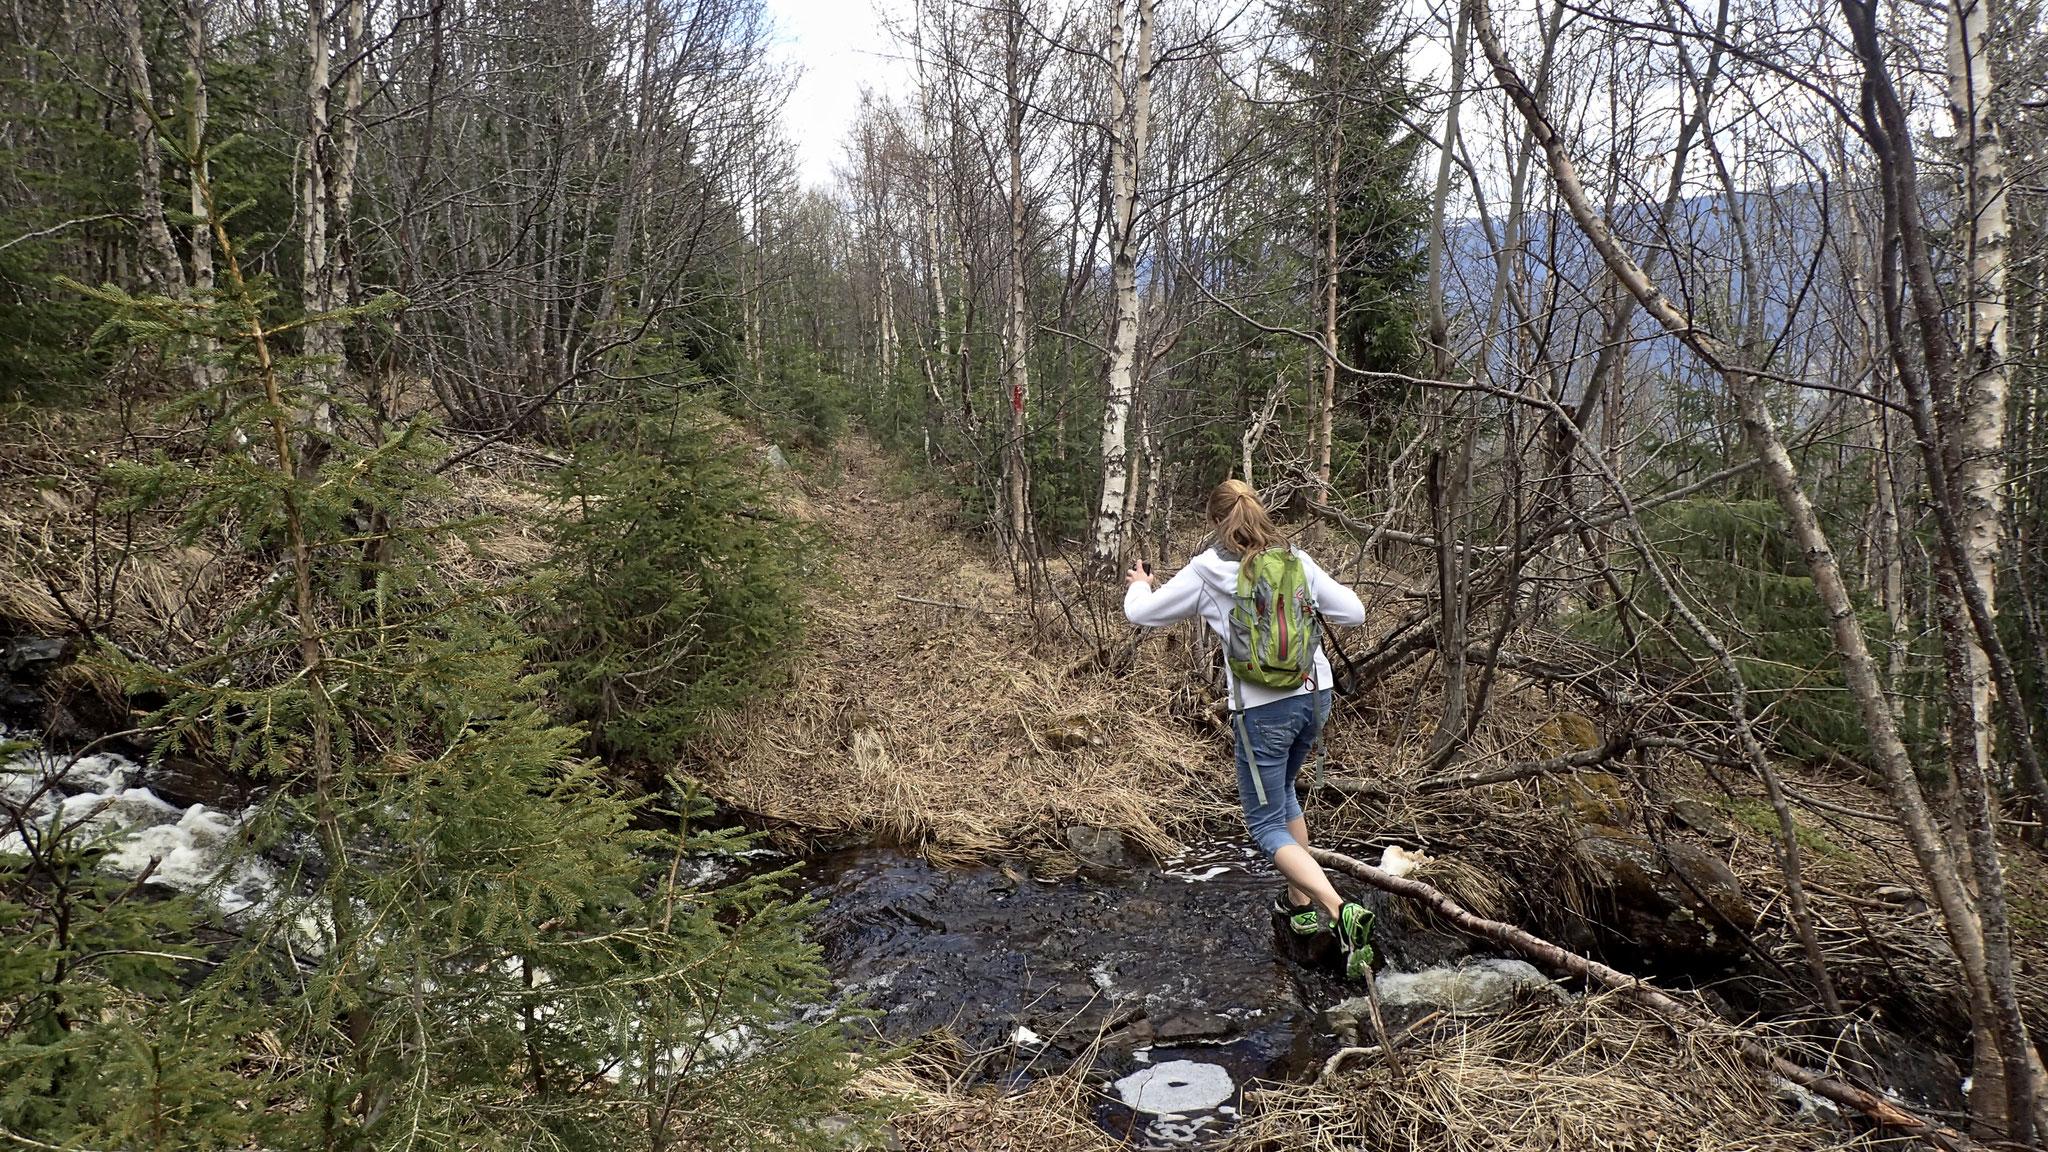 erhöhter Wasserstand nach der Schneeschmelze im Mai